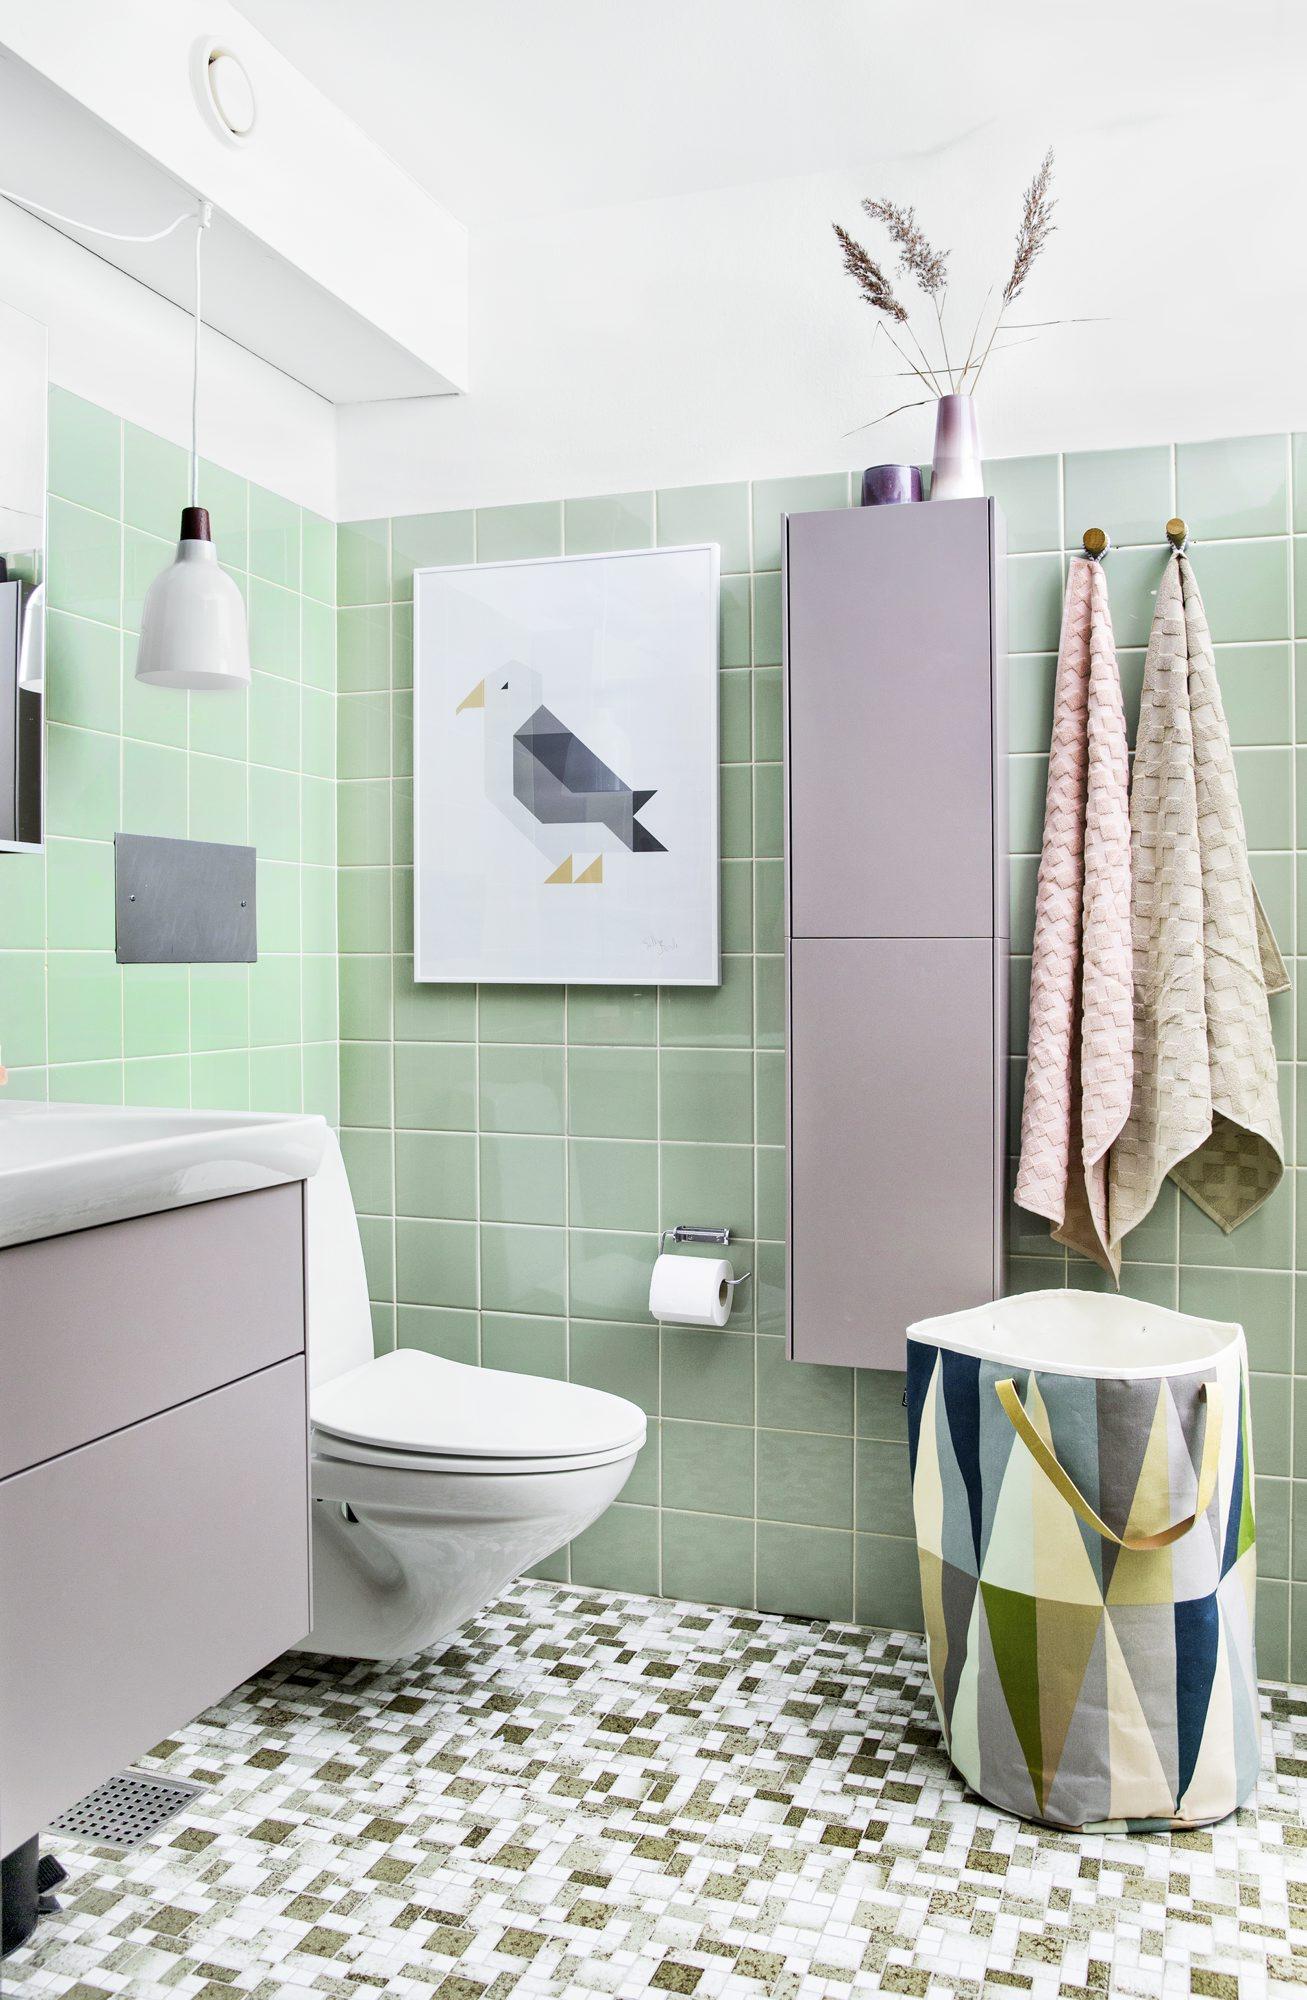 Etter oppussingen ble det straks mye mer innbydende på badet til Lotte. FOTO: Tia Borgsmidt